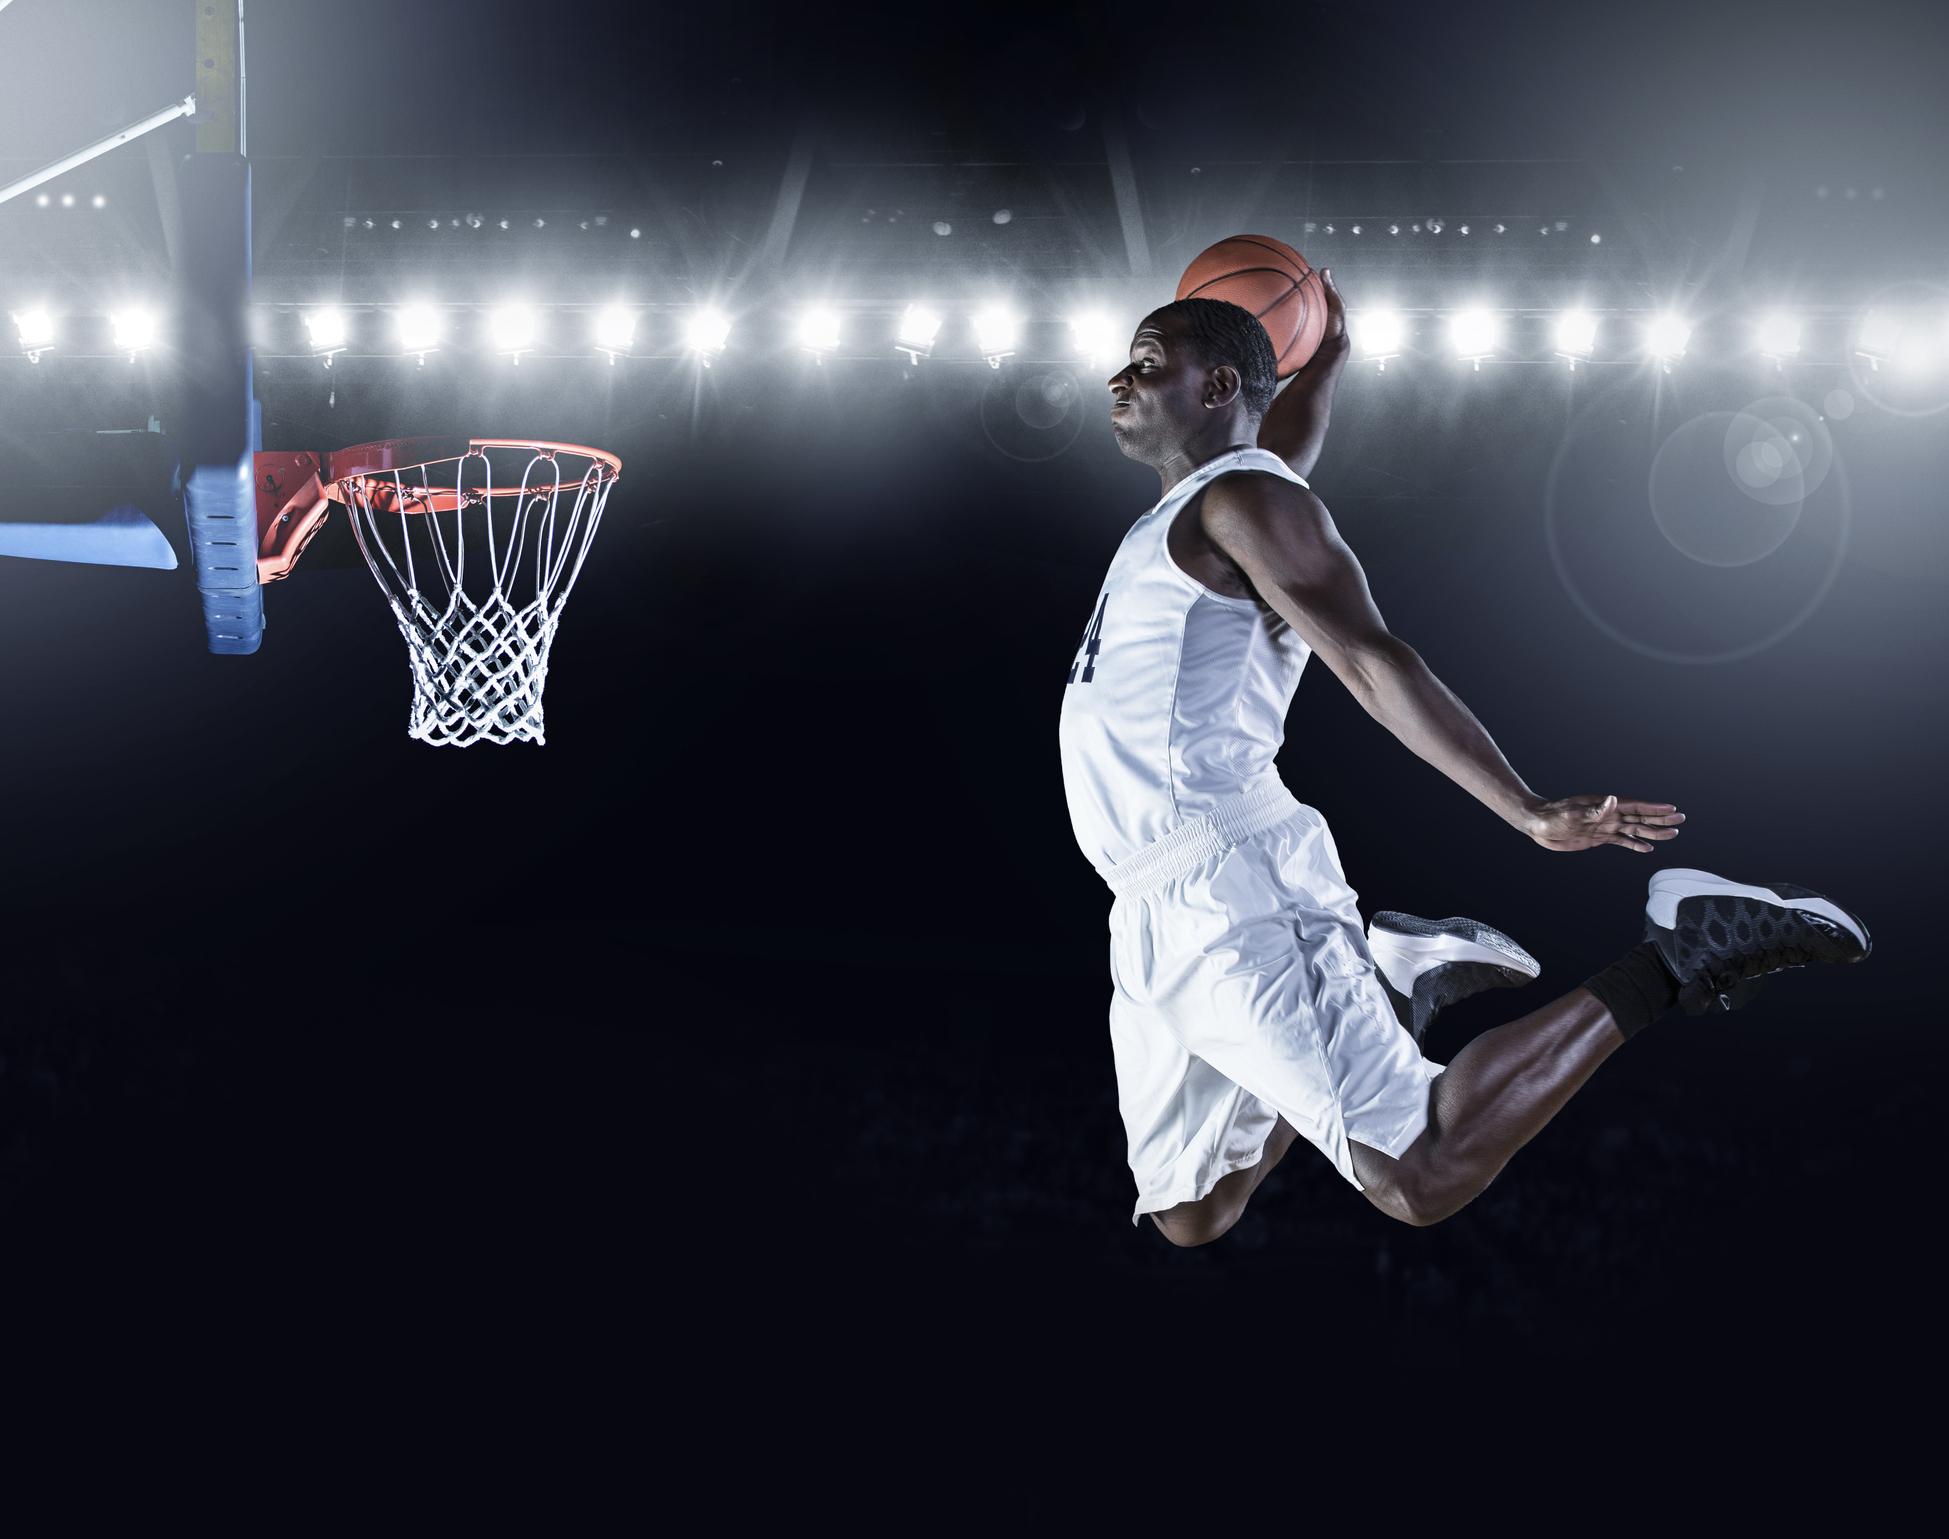 Basketball player dunking a ball